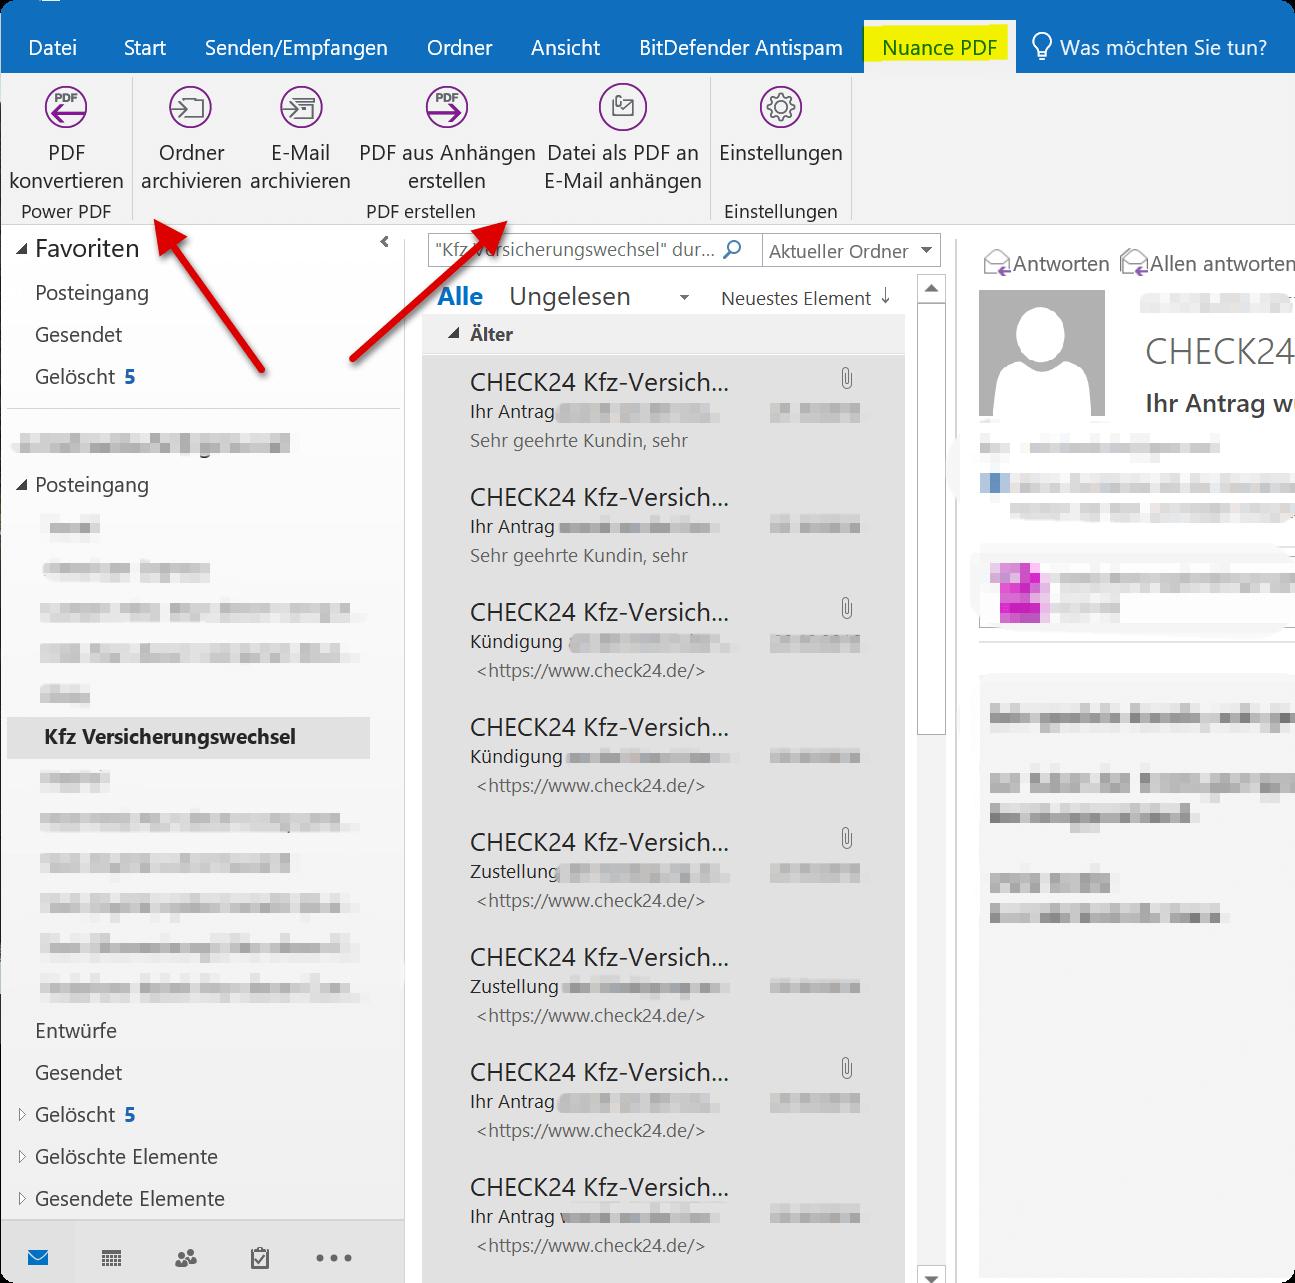 3. E-Mails mit Nuance Power PDF archivieren